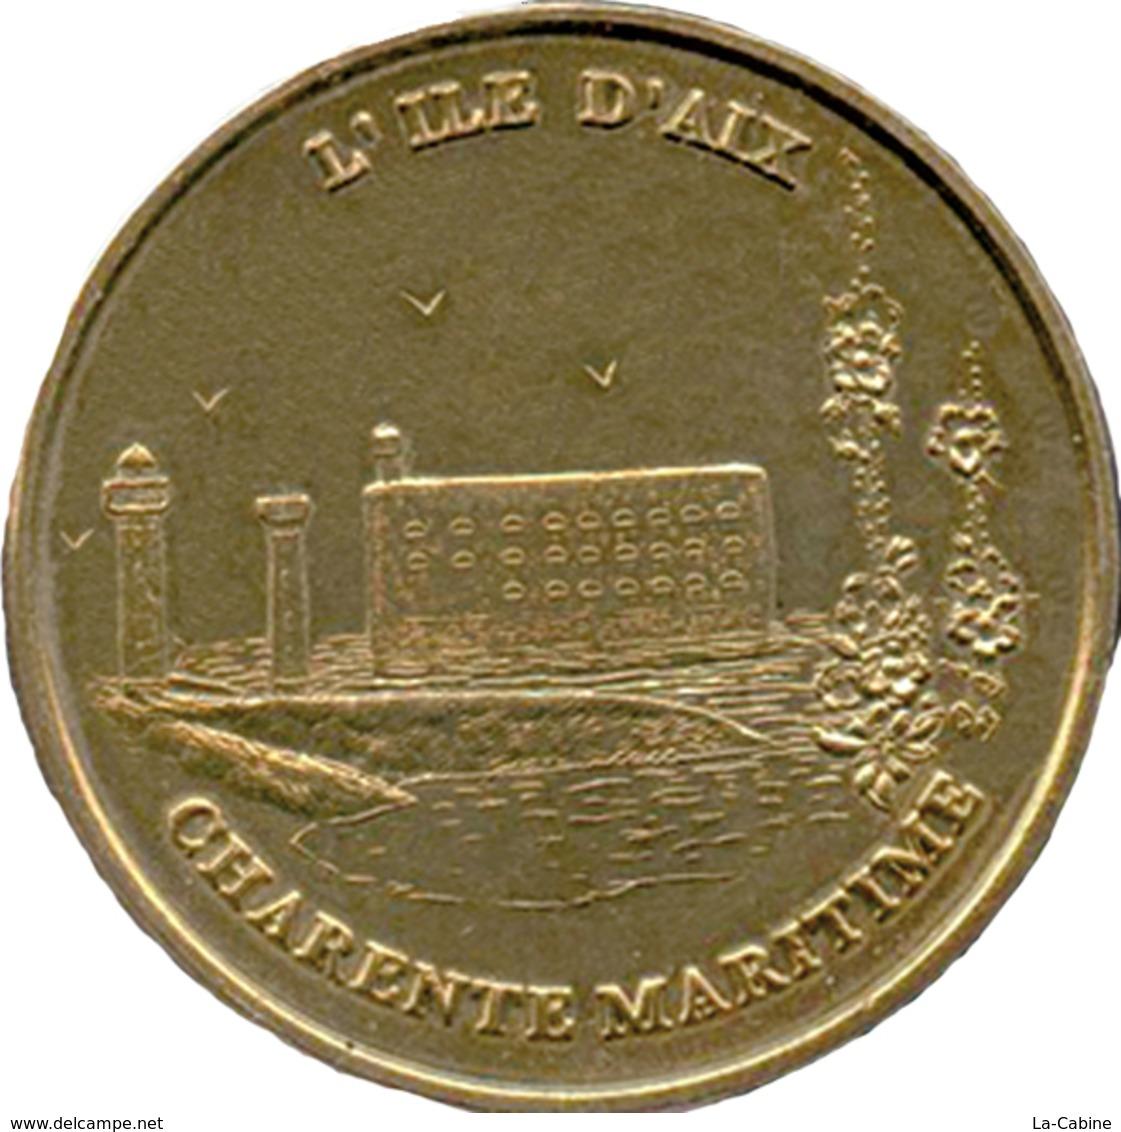 17 ÎLE D'AIX PHARE CHARENTE MARITIME MÉDAILLE MONNAIE DE PARIS 1998 JETONS TOURISTIQUE MEDALS TOKENS COINS - Monnaie De Paris